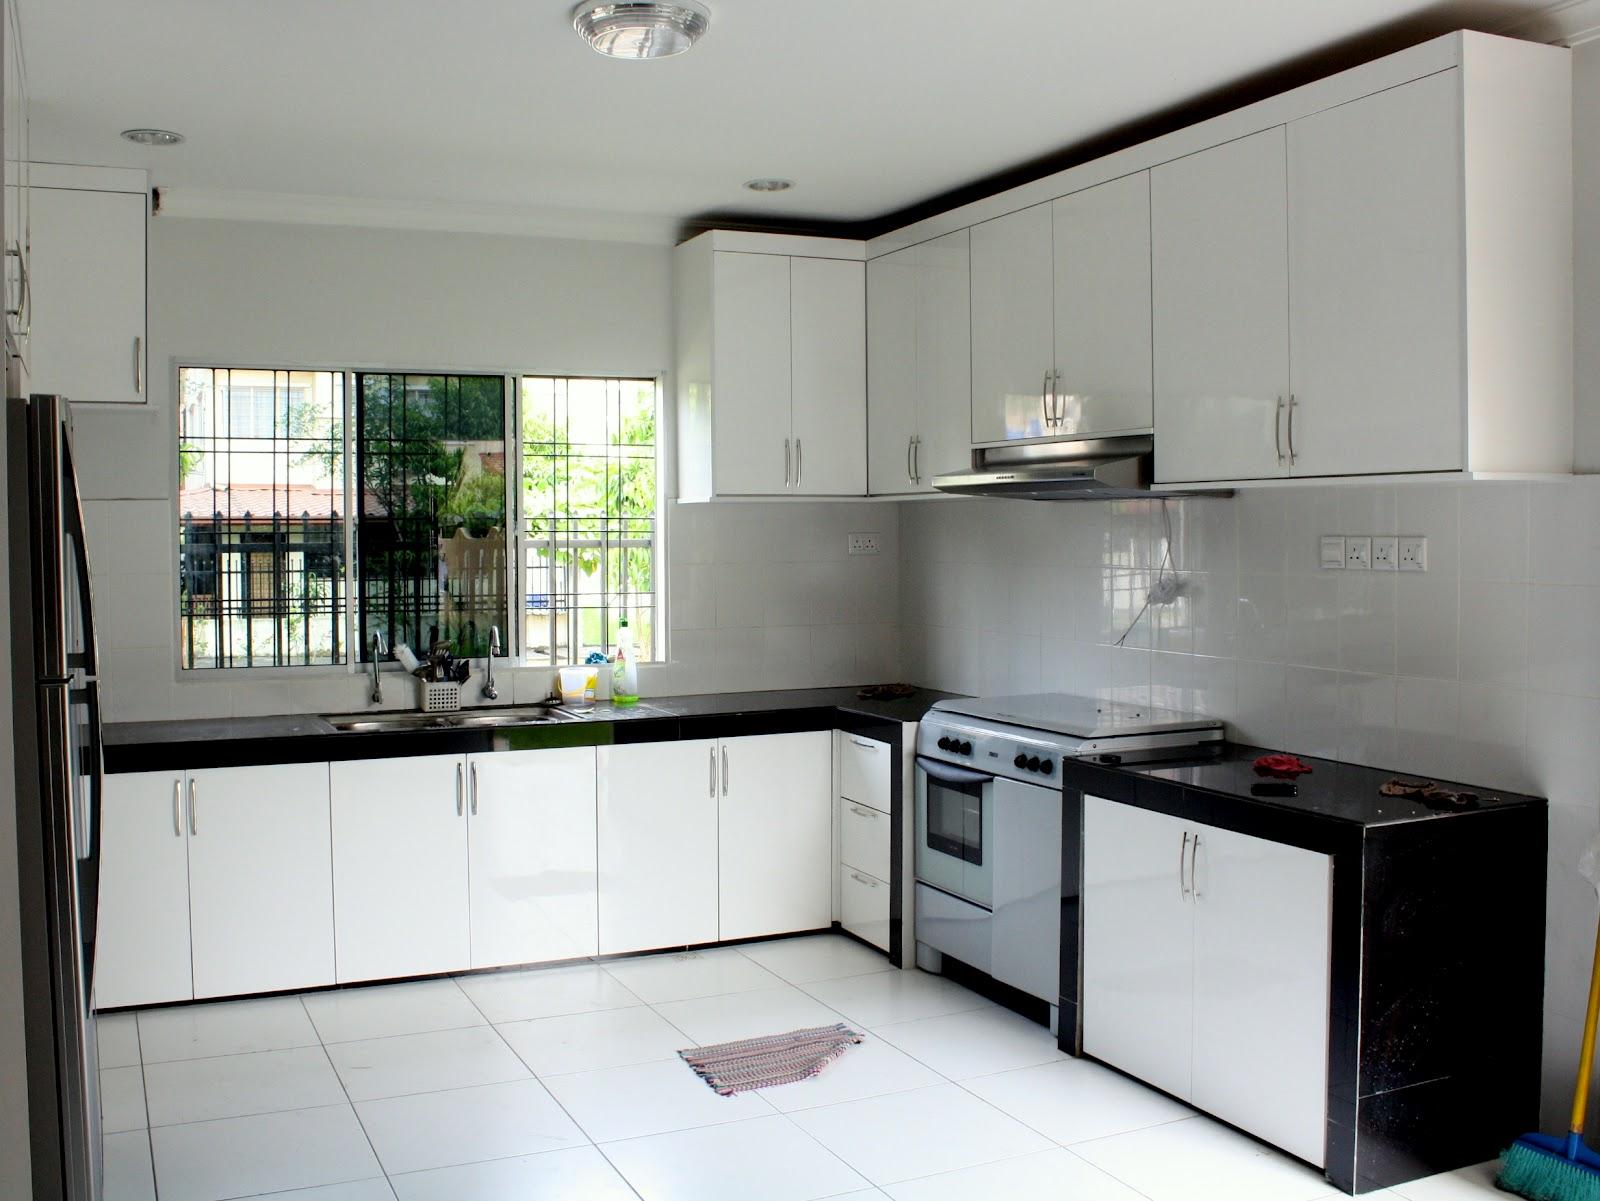 dapur dibuat daripada kongkrit dengan tiles berukuran 2 kaki x 2 kaki